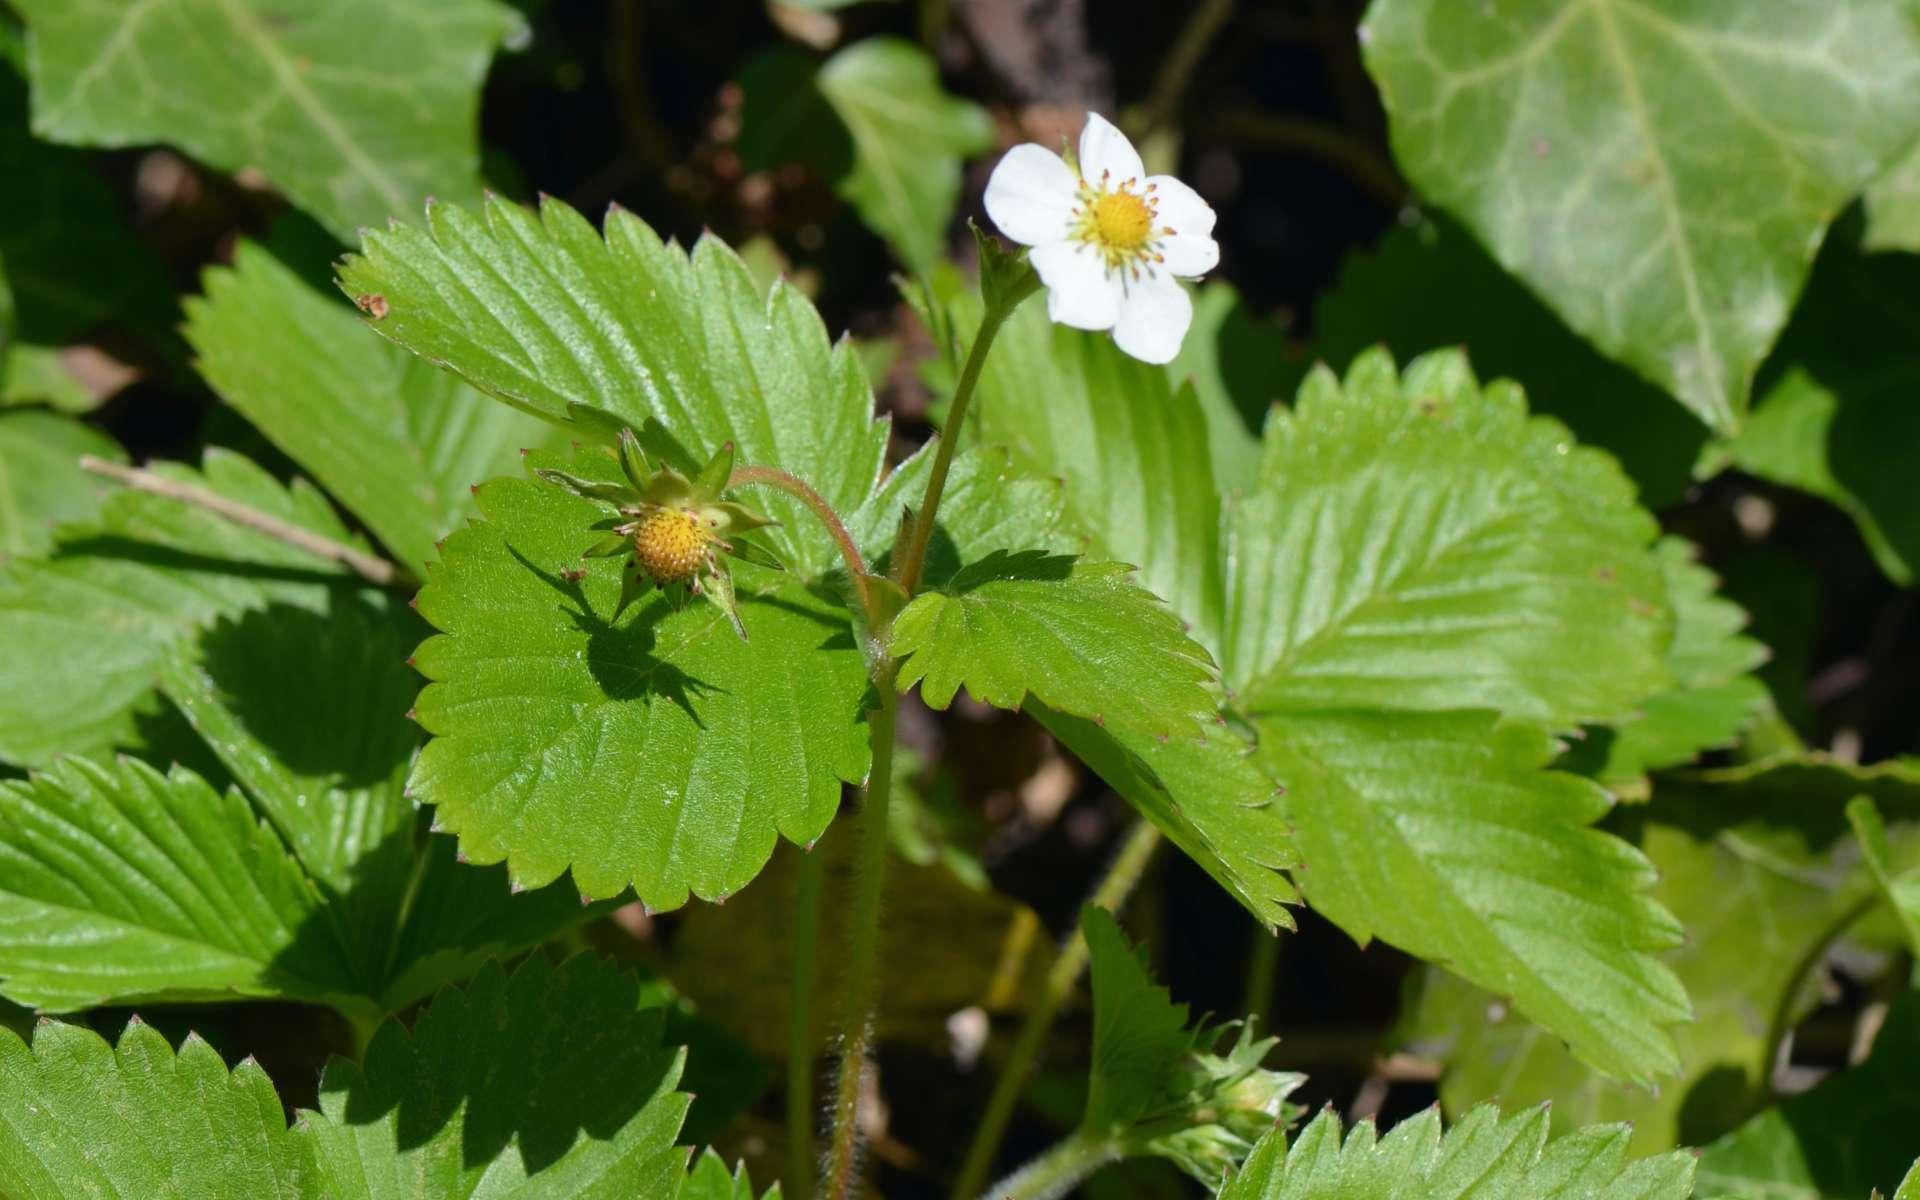 Fraisier sauvage - fleurs et feuilles (Crédits : Benoît Toussaint)